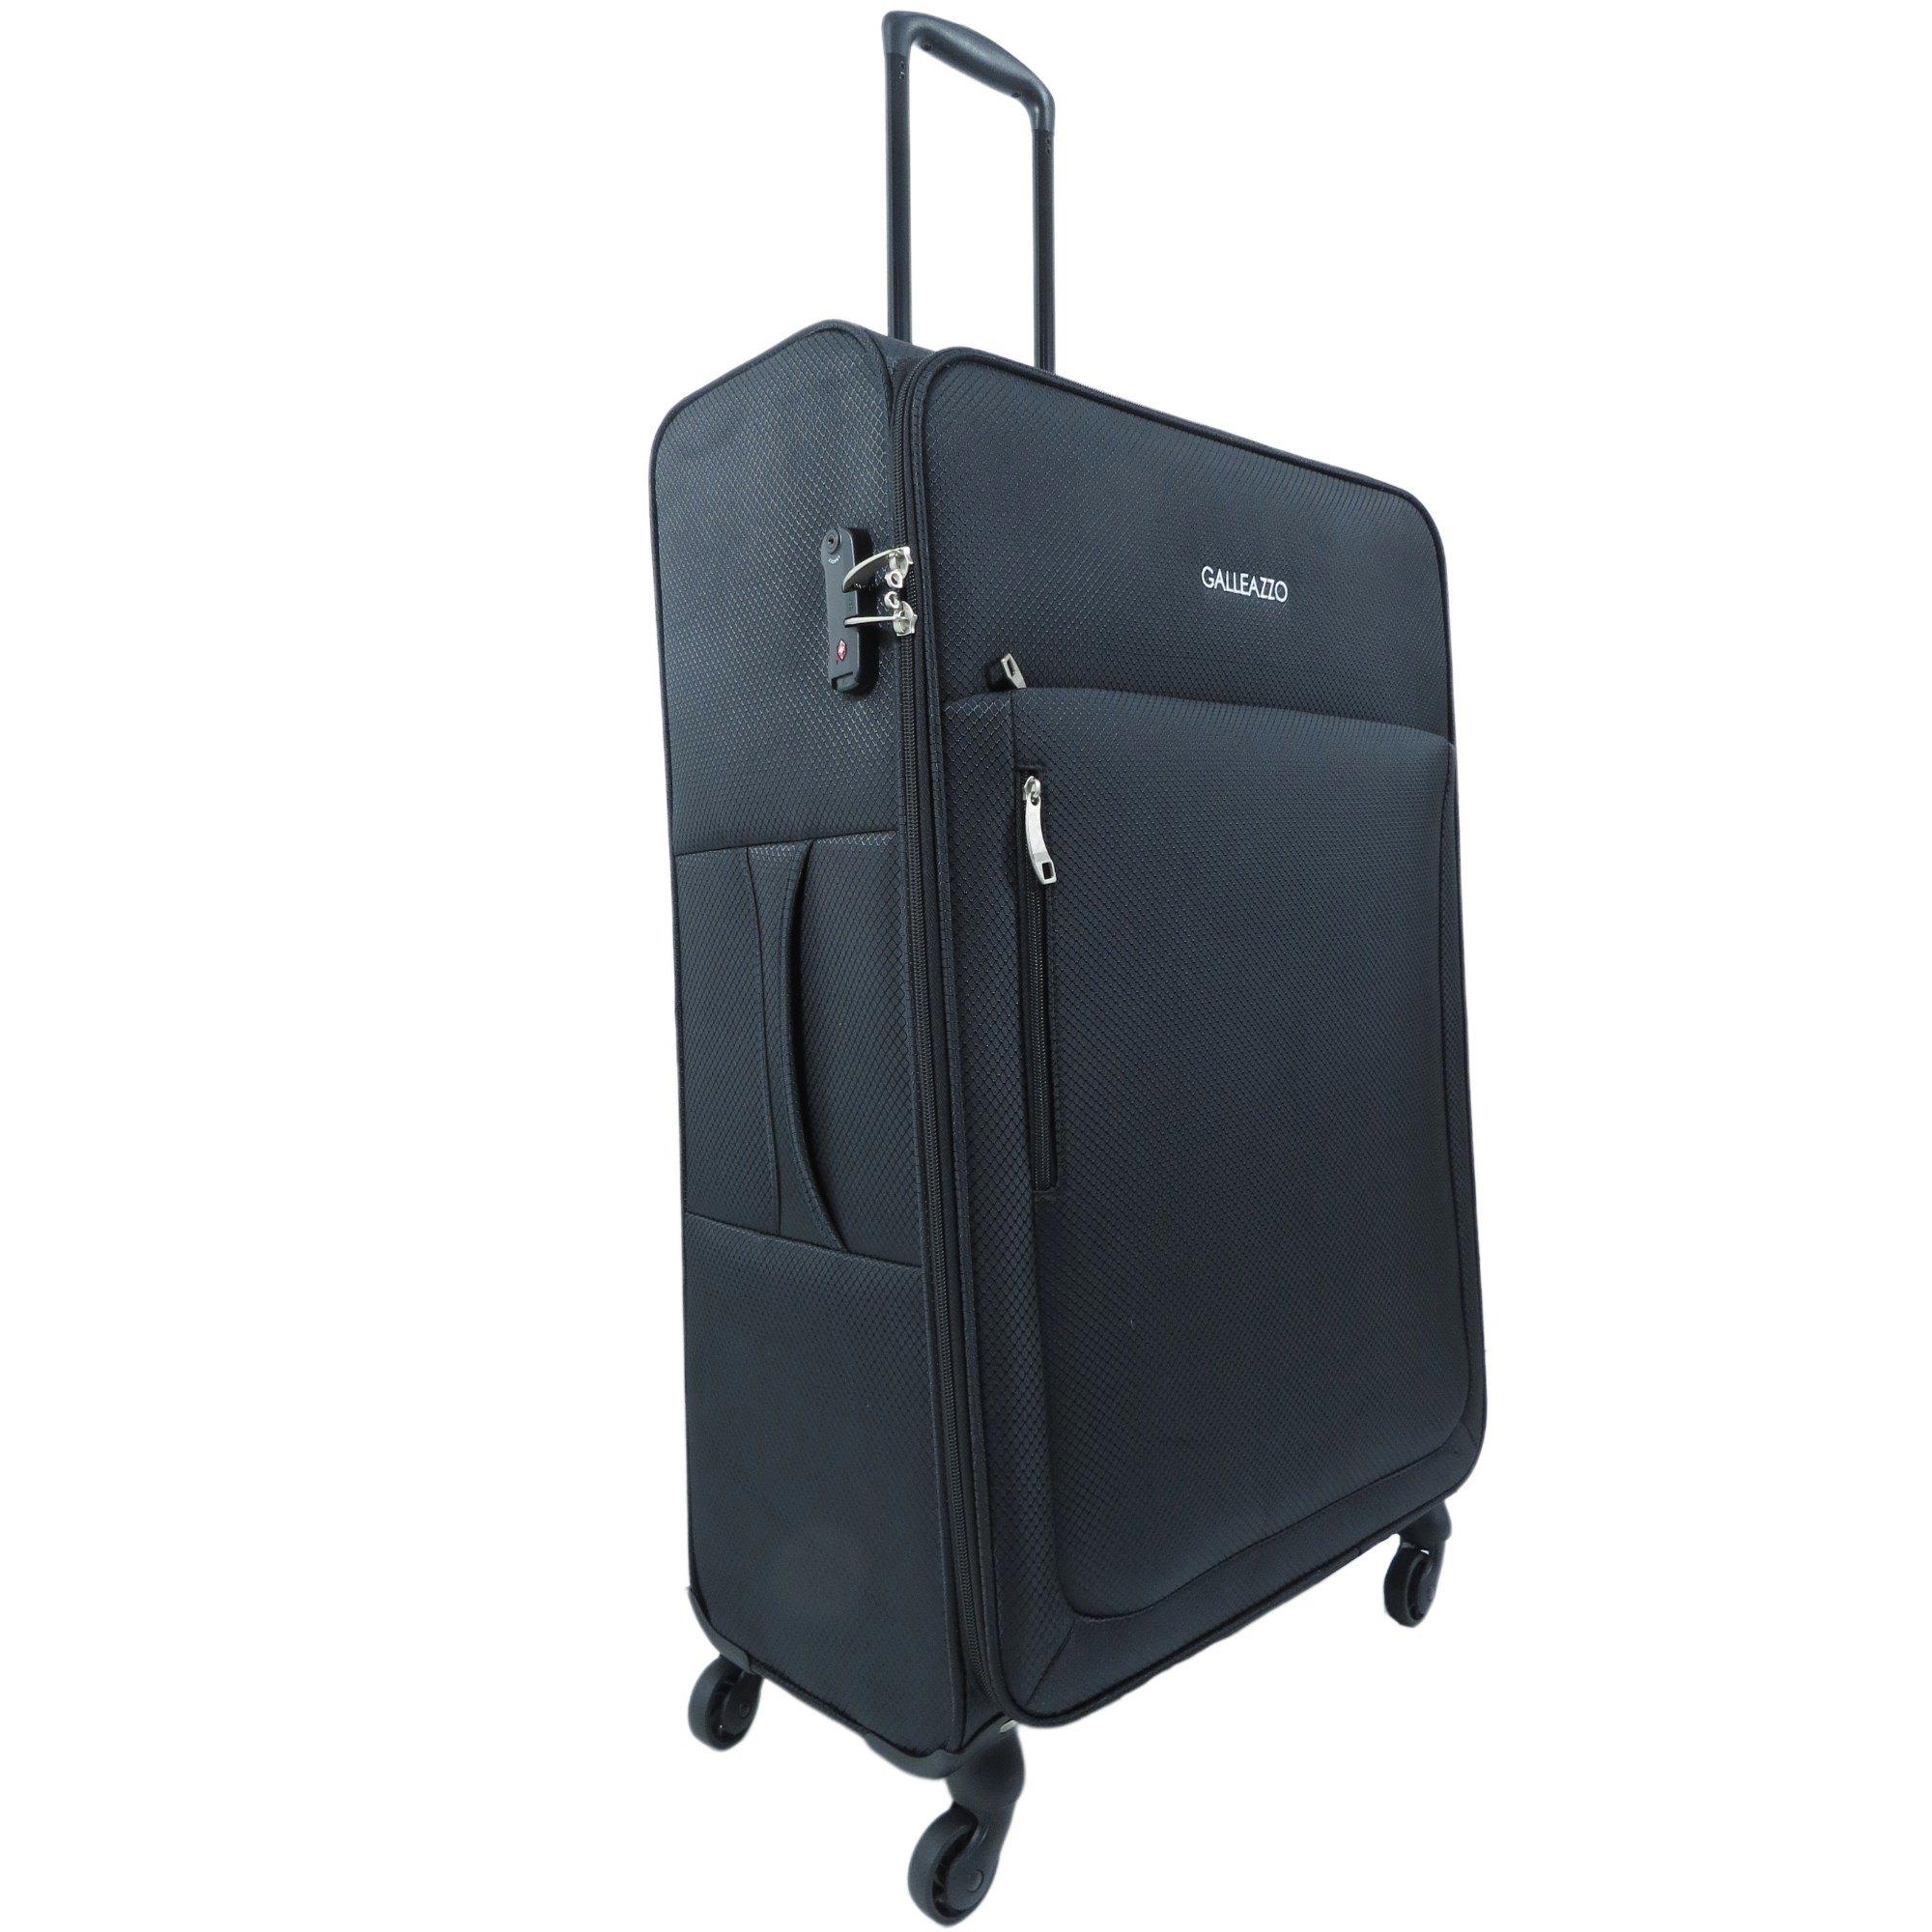 Mala de Viagem Média Despachar Familia Super Leves Ultra Light com Cadeado TSA Internacional